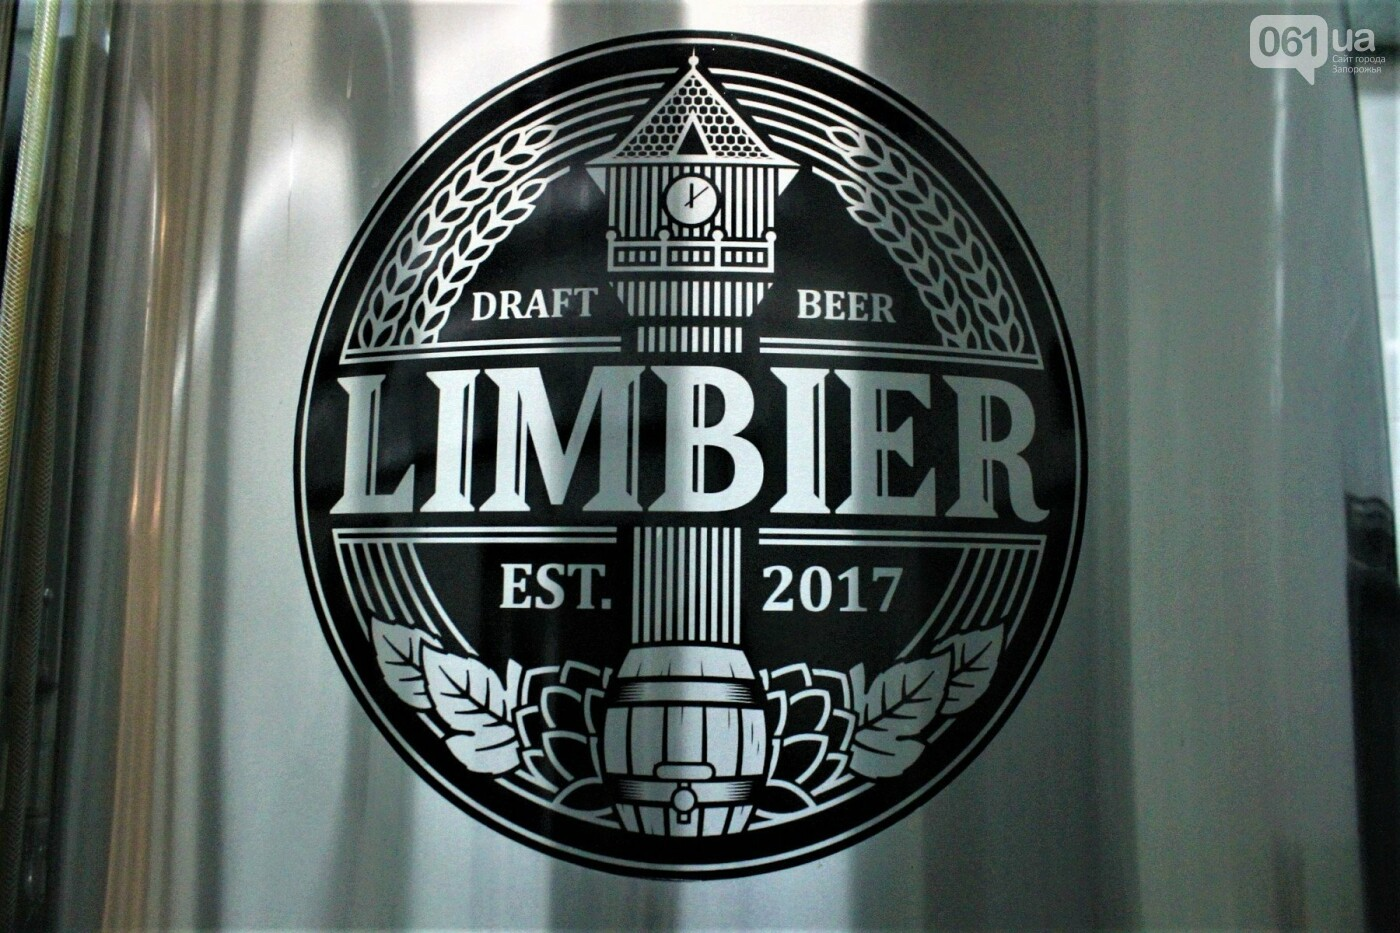 Как в Запорожье готовят крафтовое пиво «Limbier»: экскурсия на производство, – ФОТОРЕПОРТАЖ, фото-4